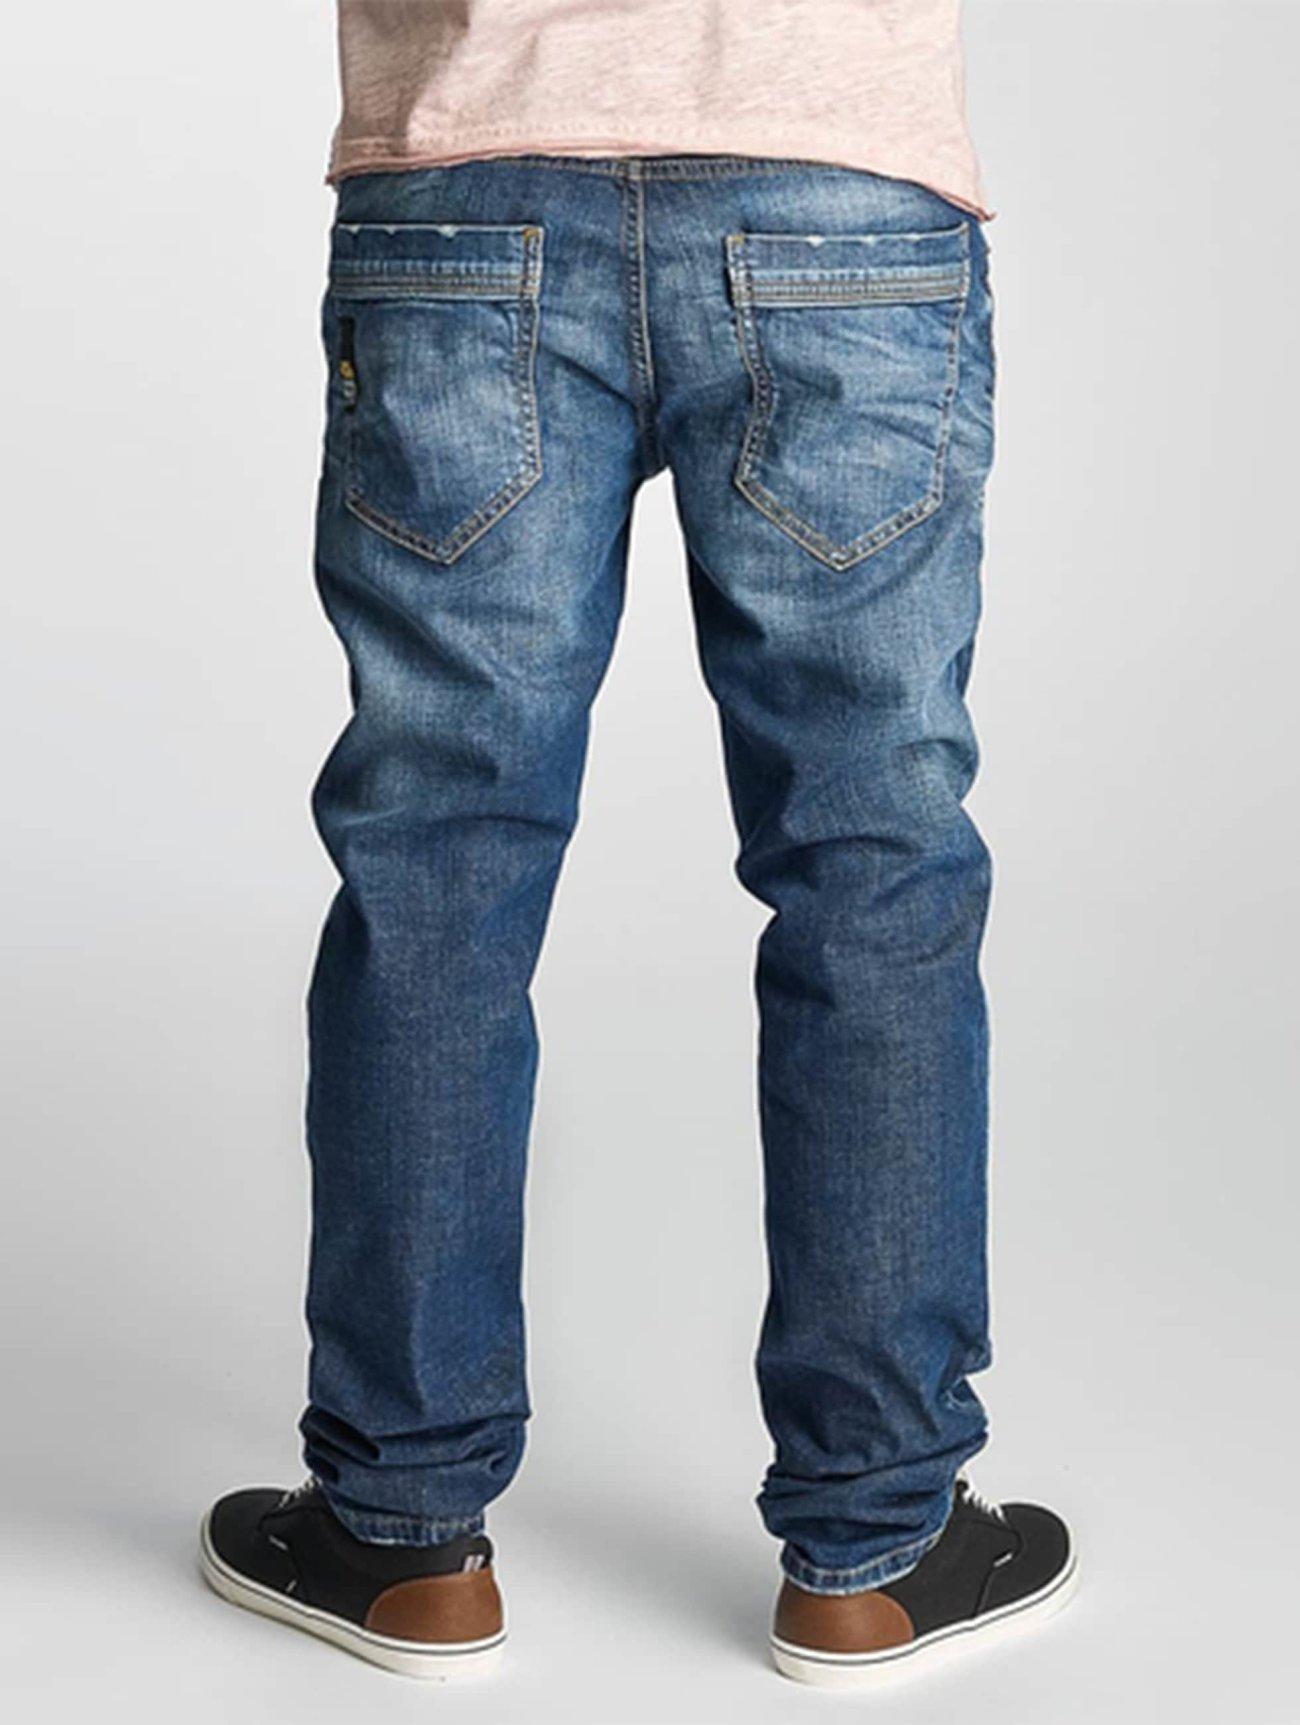 Cipo & Baxx  Engels   bleu Homme Jean coupe droite  357189 Homme Jeans